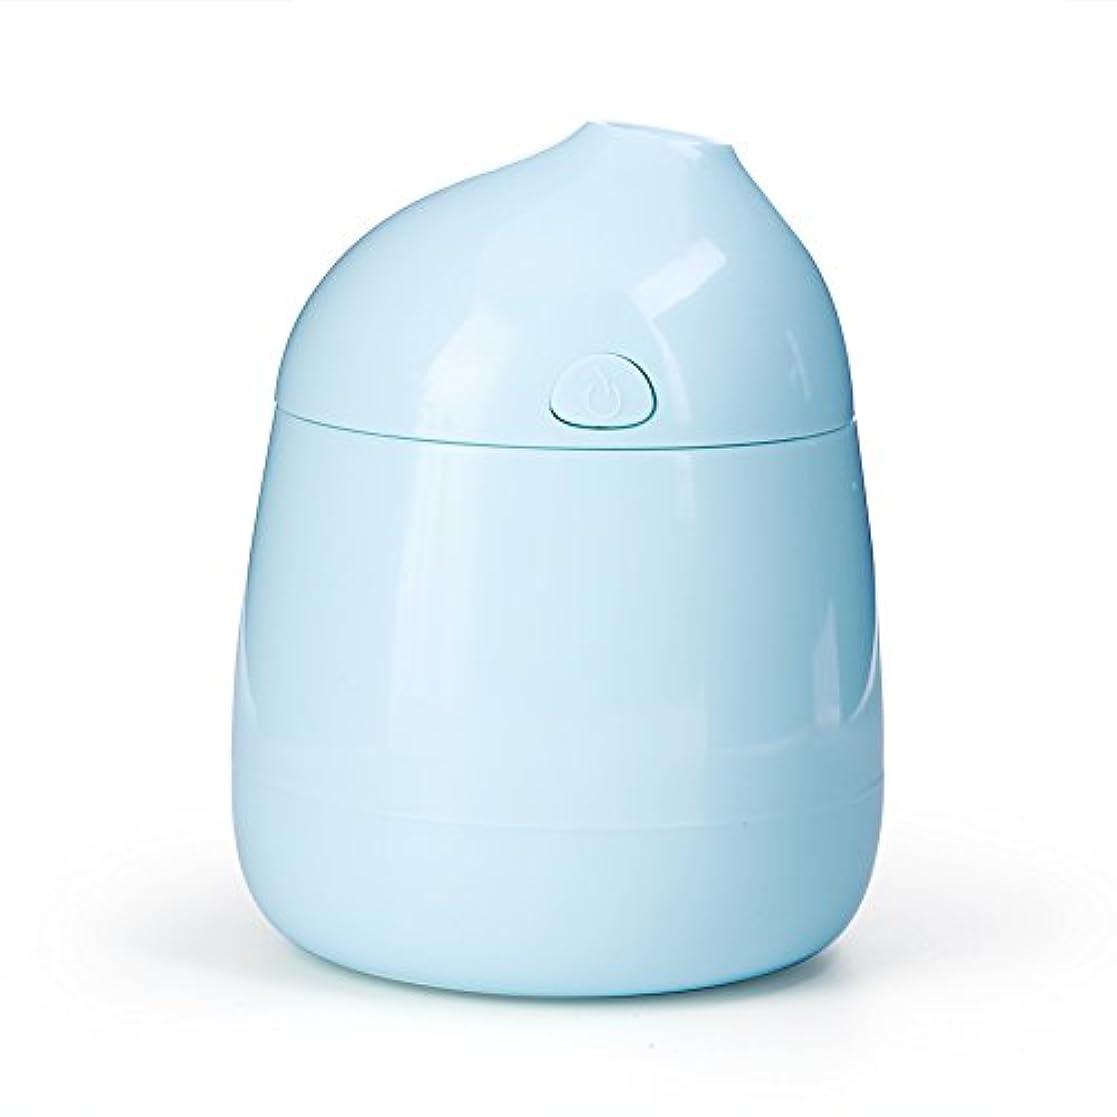 熟練した昆虫を見る原始的なusb加湿器、ポータブルミニアロマ空気加湿器空気ディフューザー清浄器アトマイザー車のオフィス空気リフレッシャー(青)